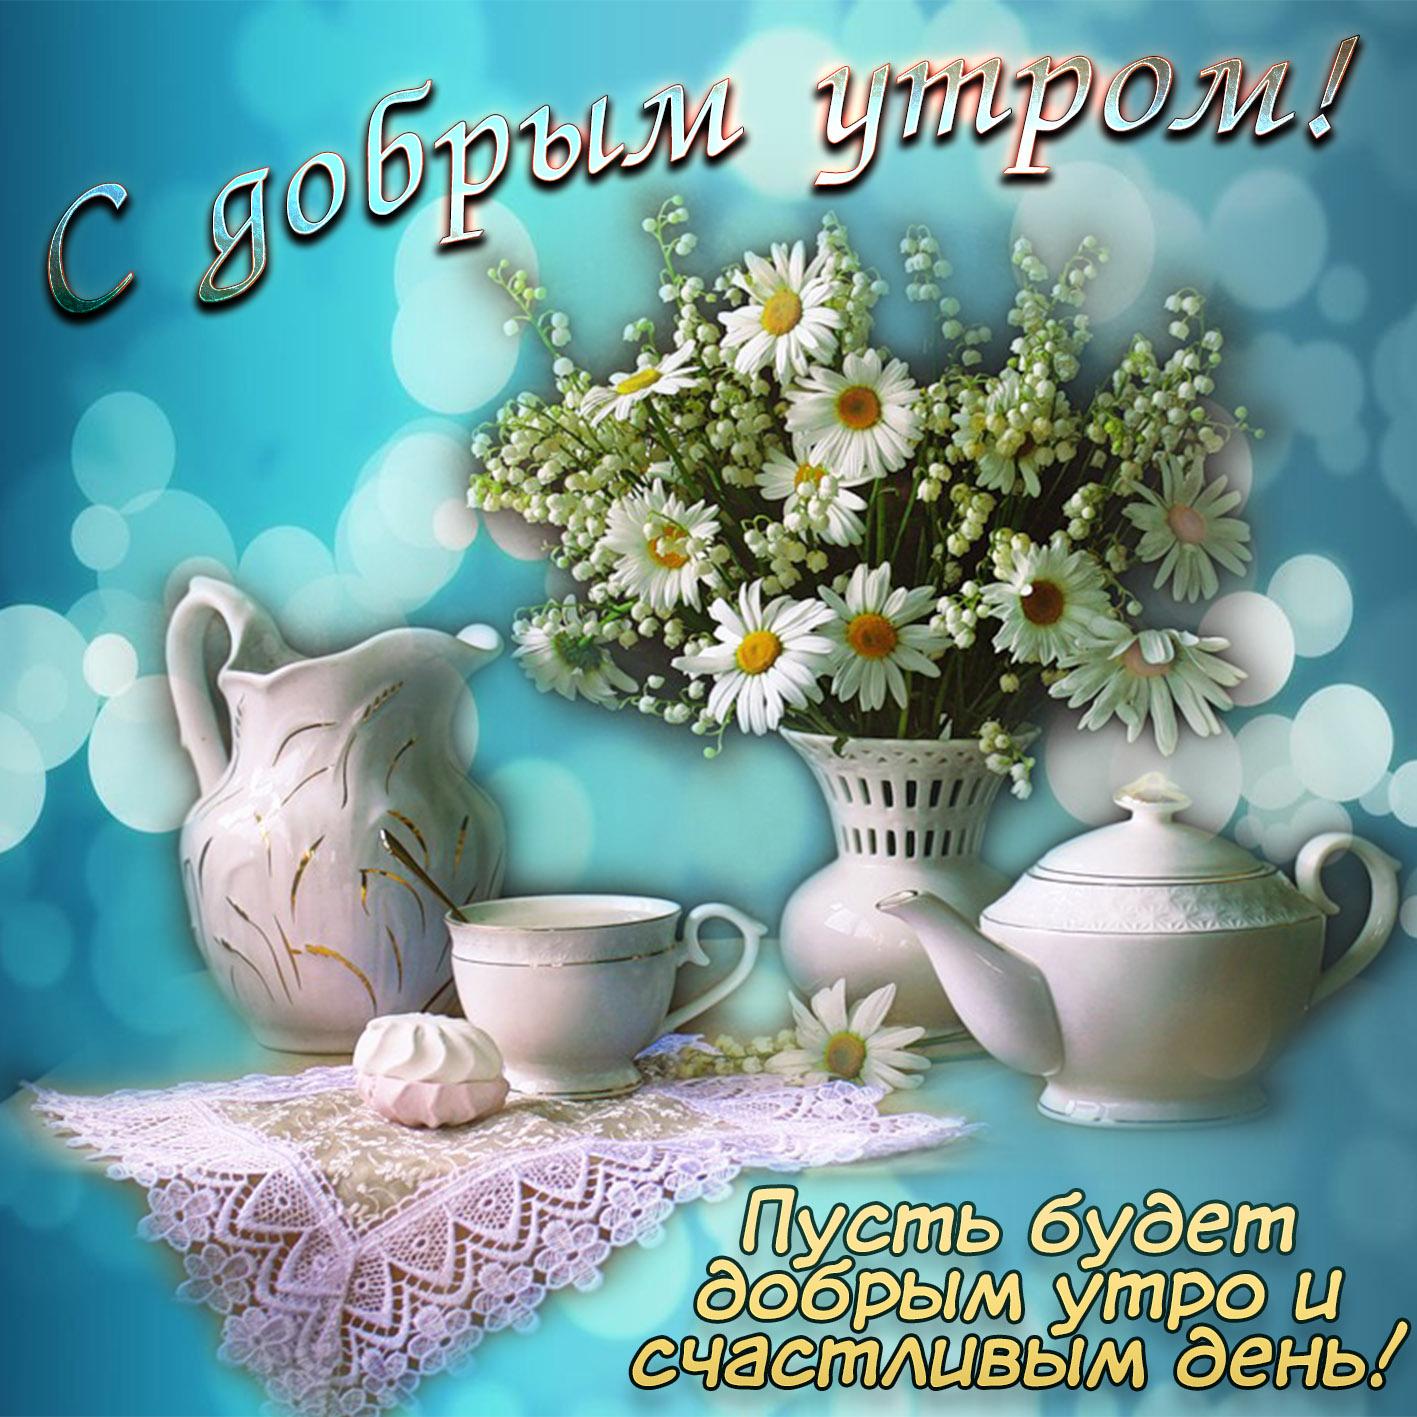 Доброе утро самые красивые открытки и пожелания, баллами исполнение желаний